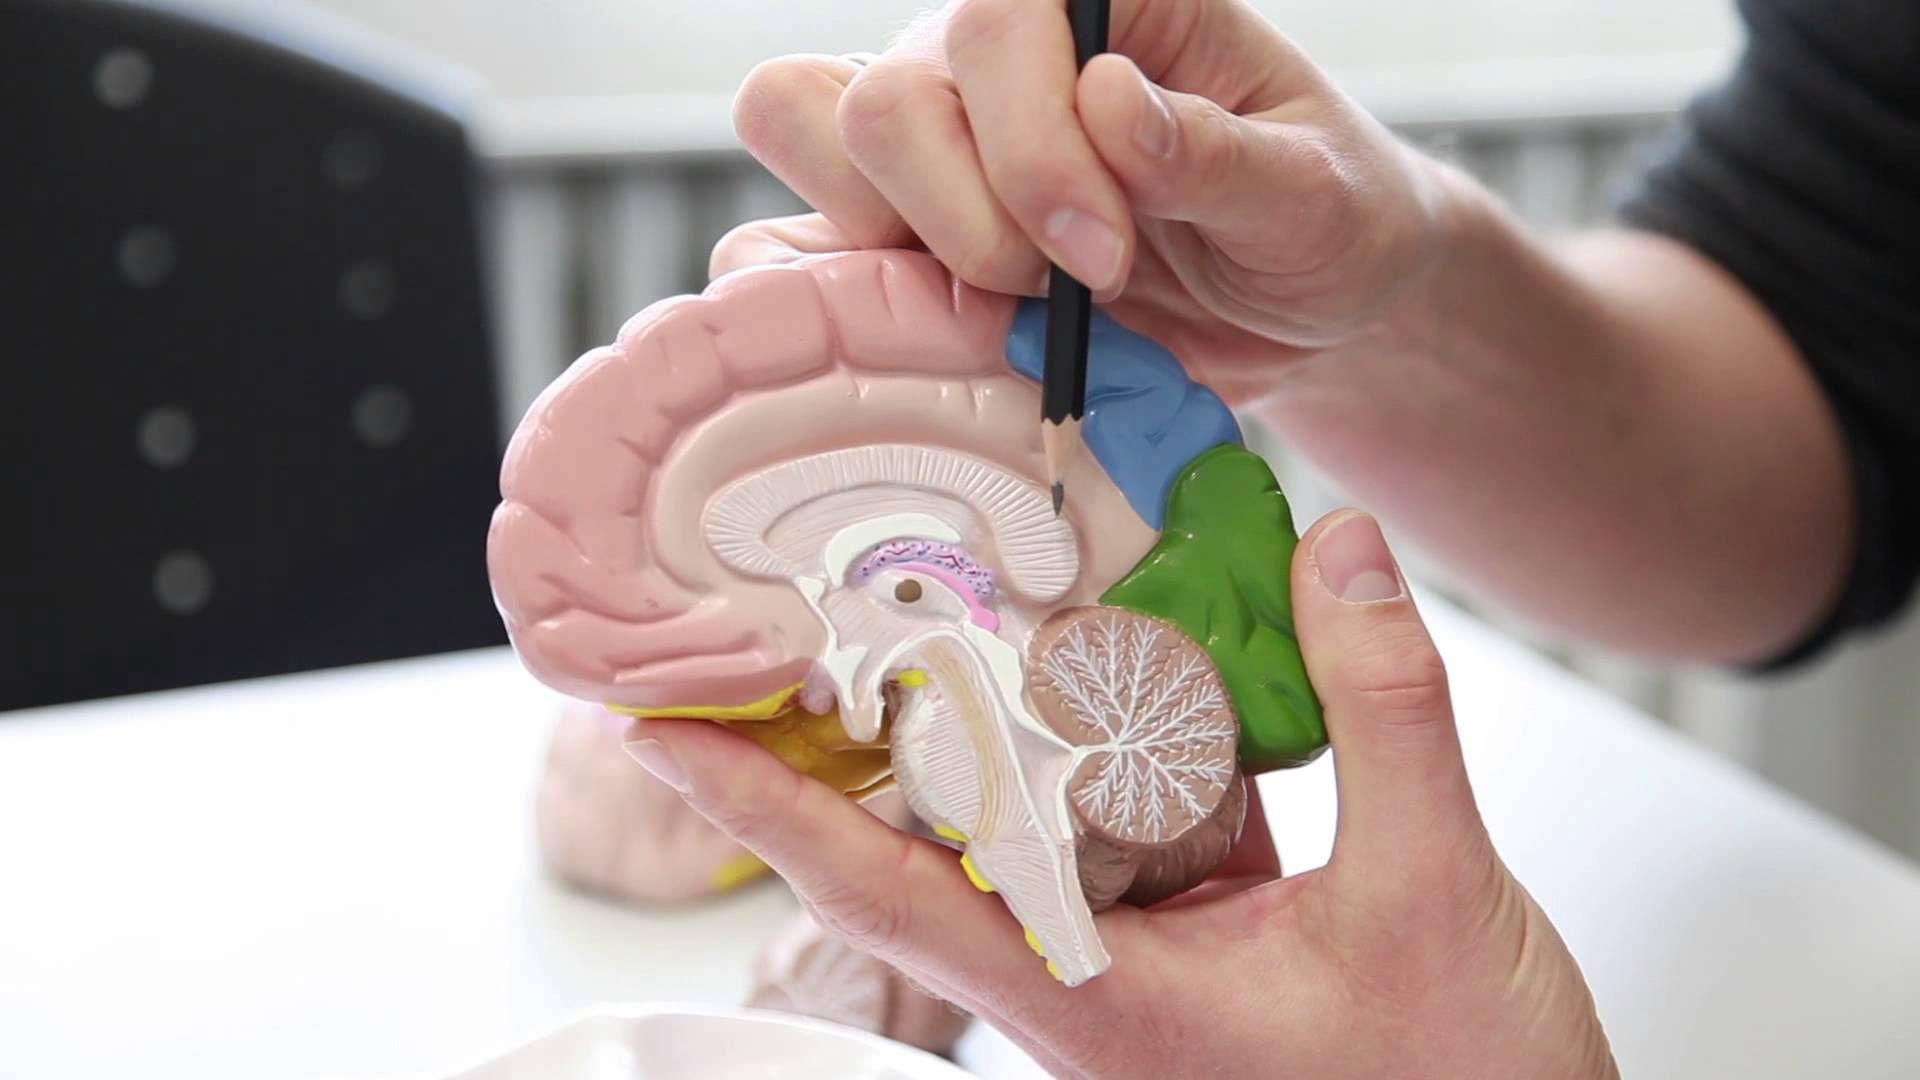 Aufbau und Funktion des menschlichen Gehirns | Gehirn | Pinterest ...